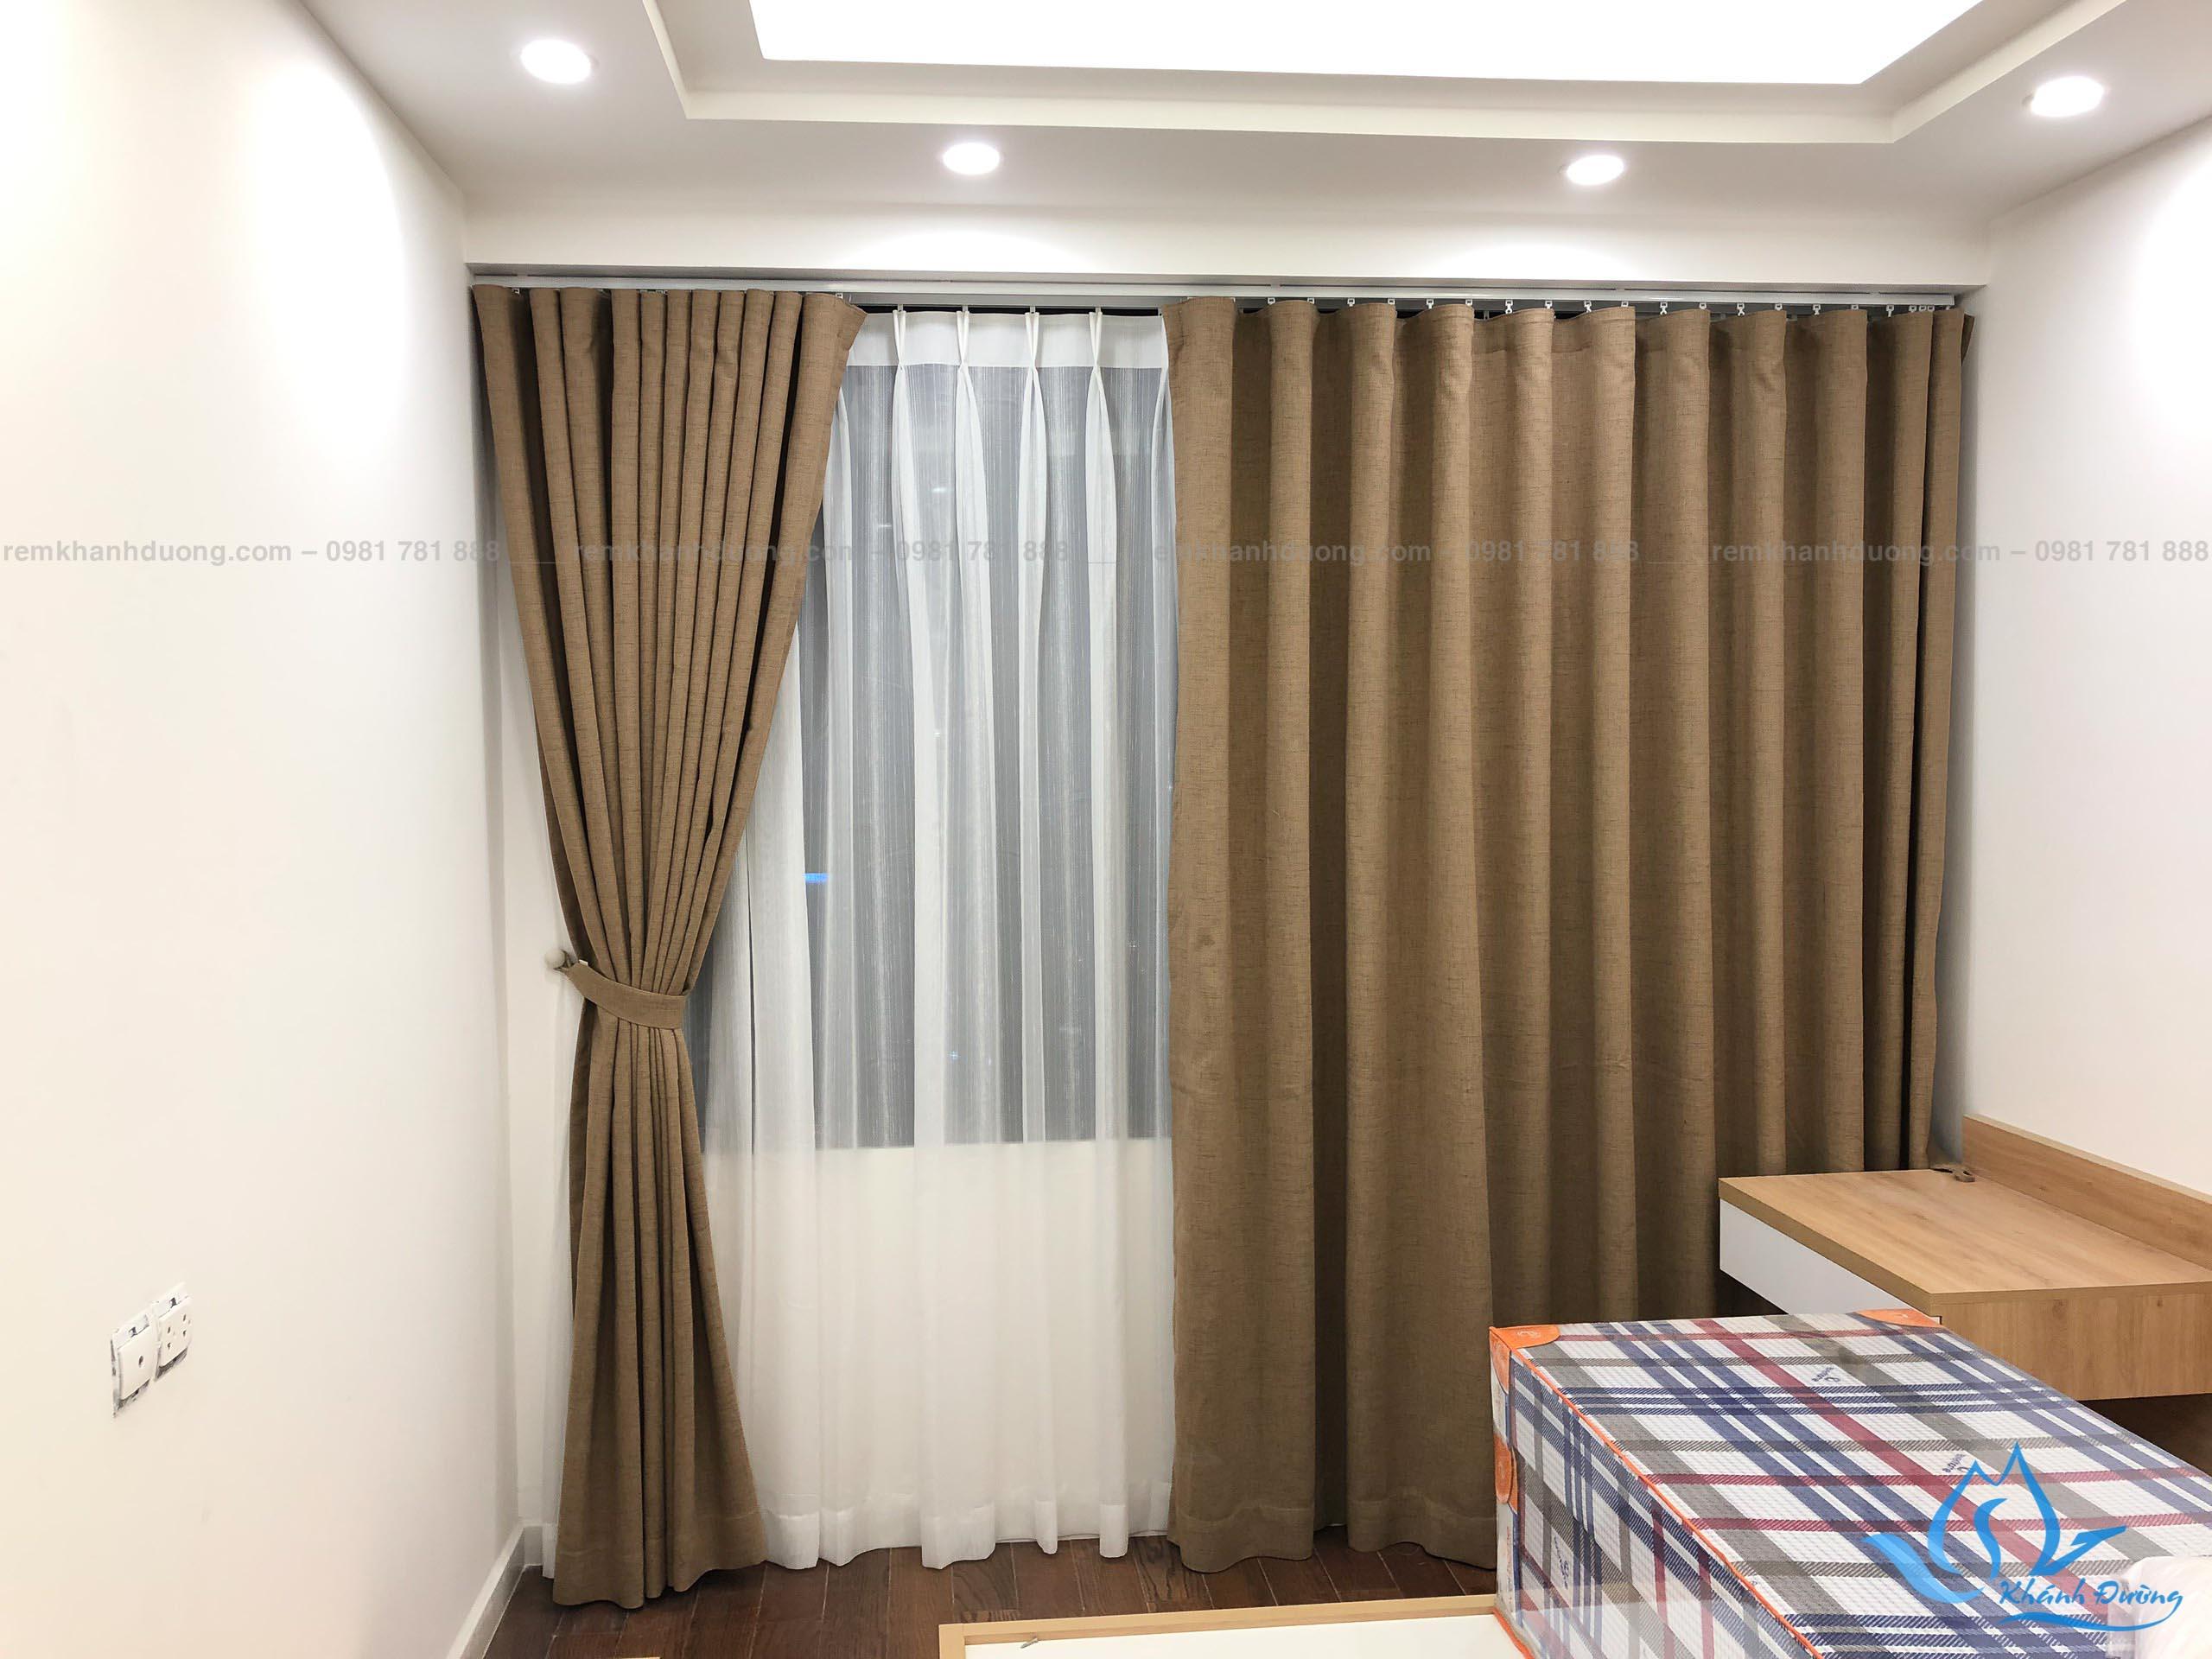 Rèm vải màu nâu là lựa chọn không tồi cho cửa sổ phòng ngủ người cao tuổi